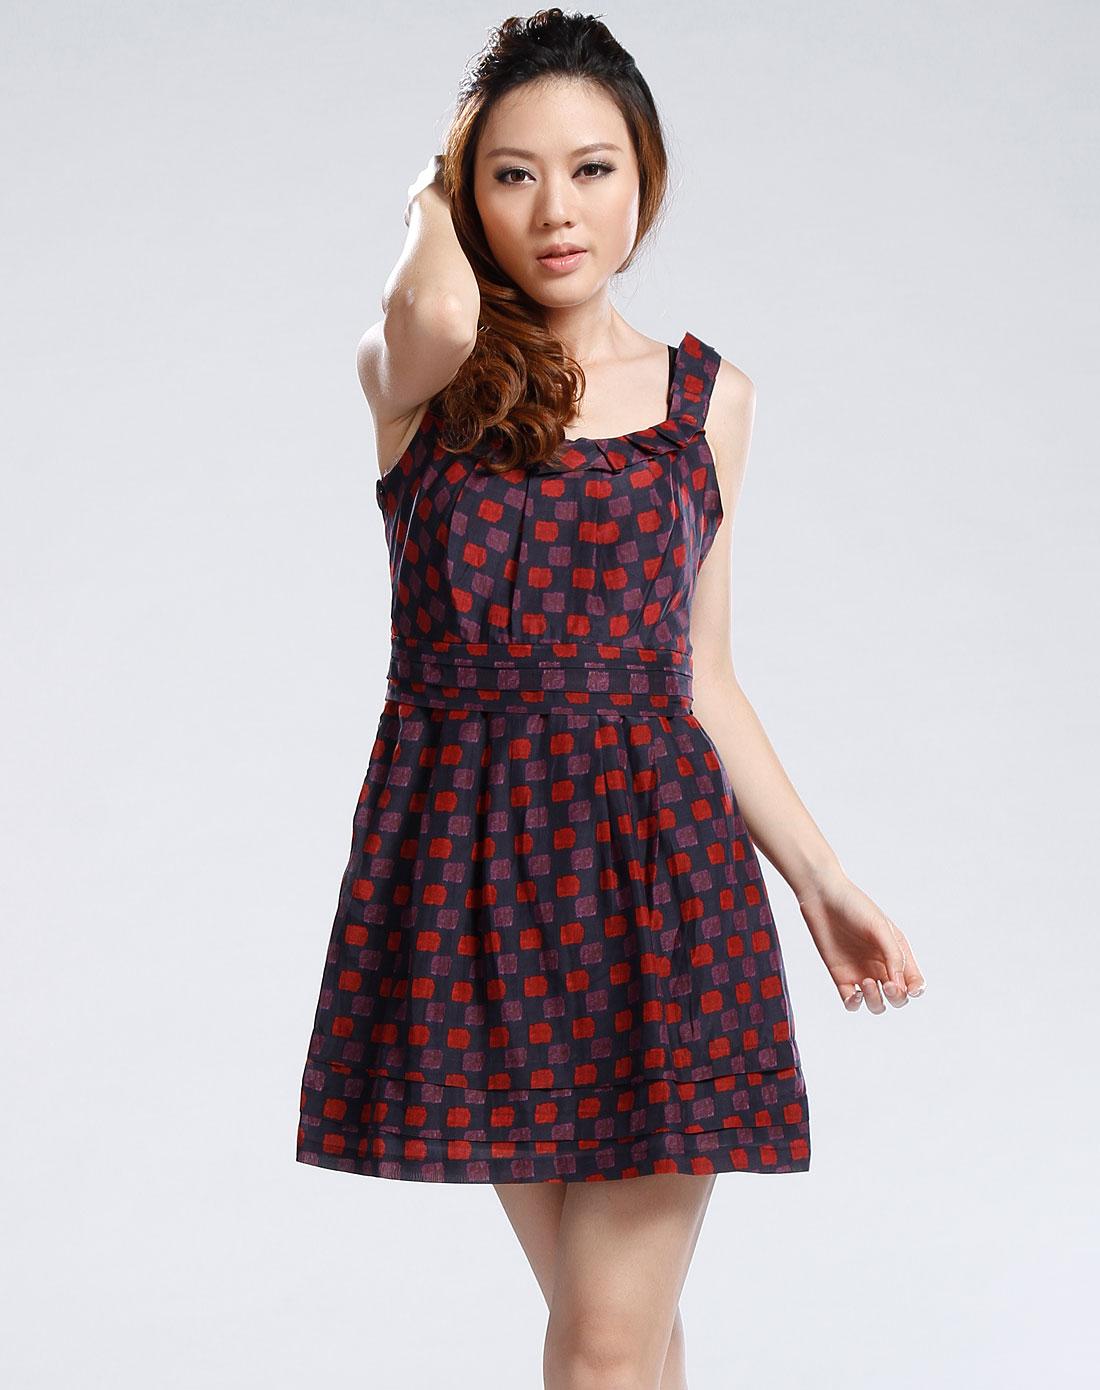 深蓝/红色吊带连衣裙